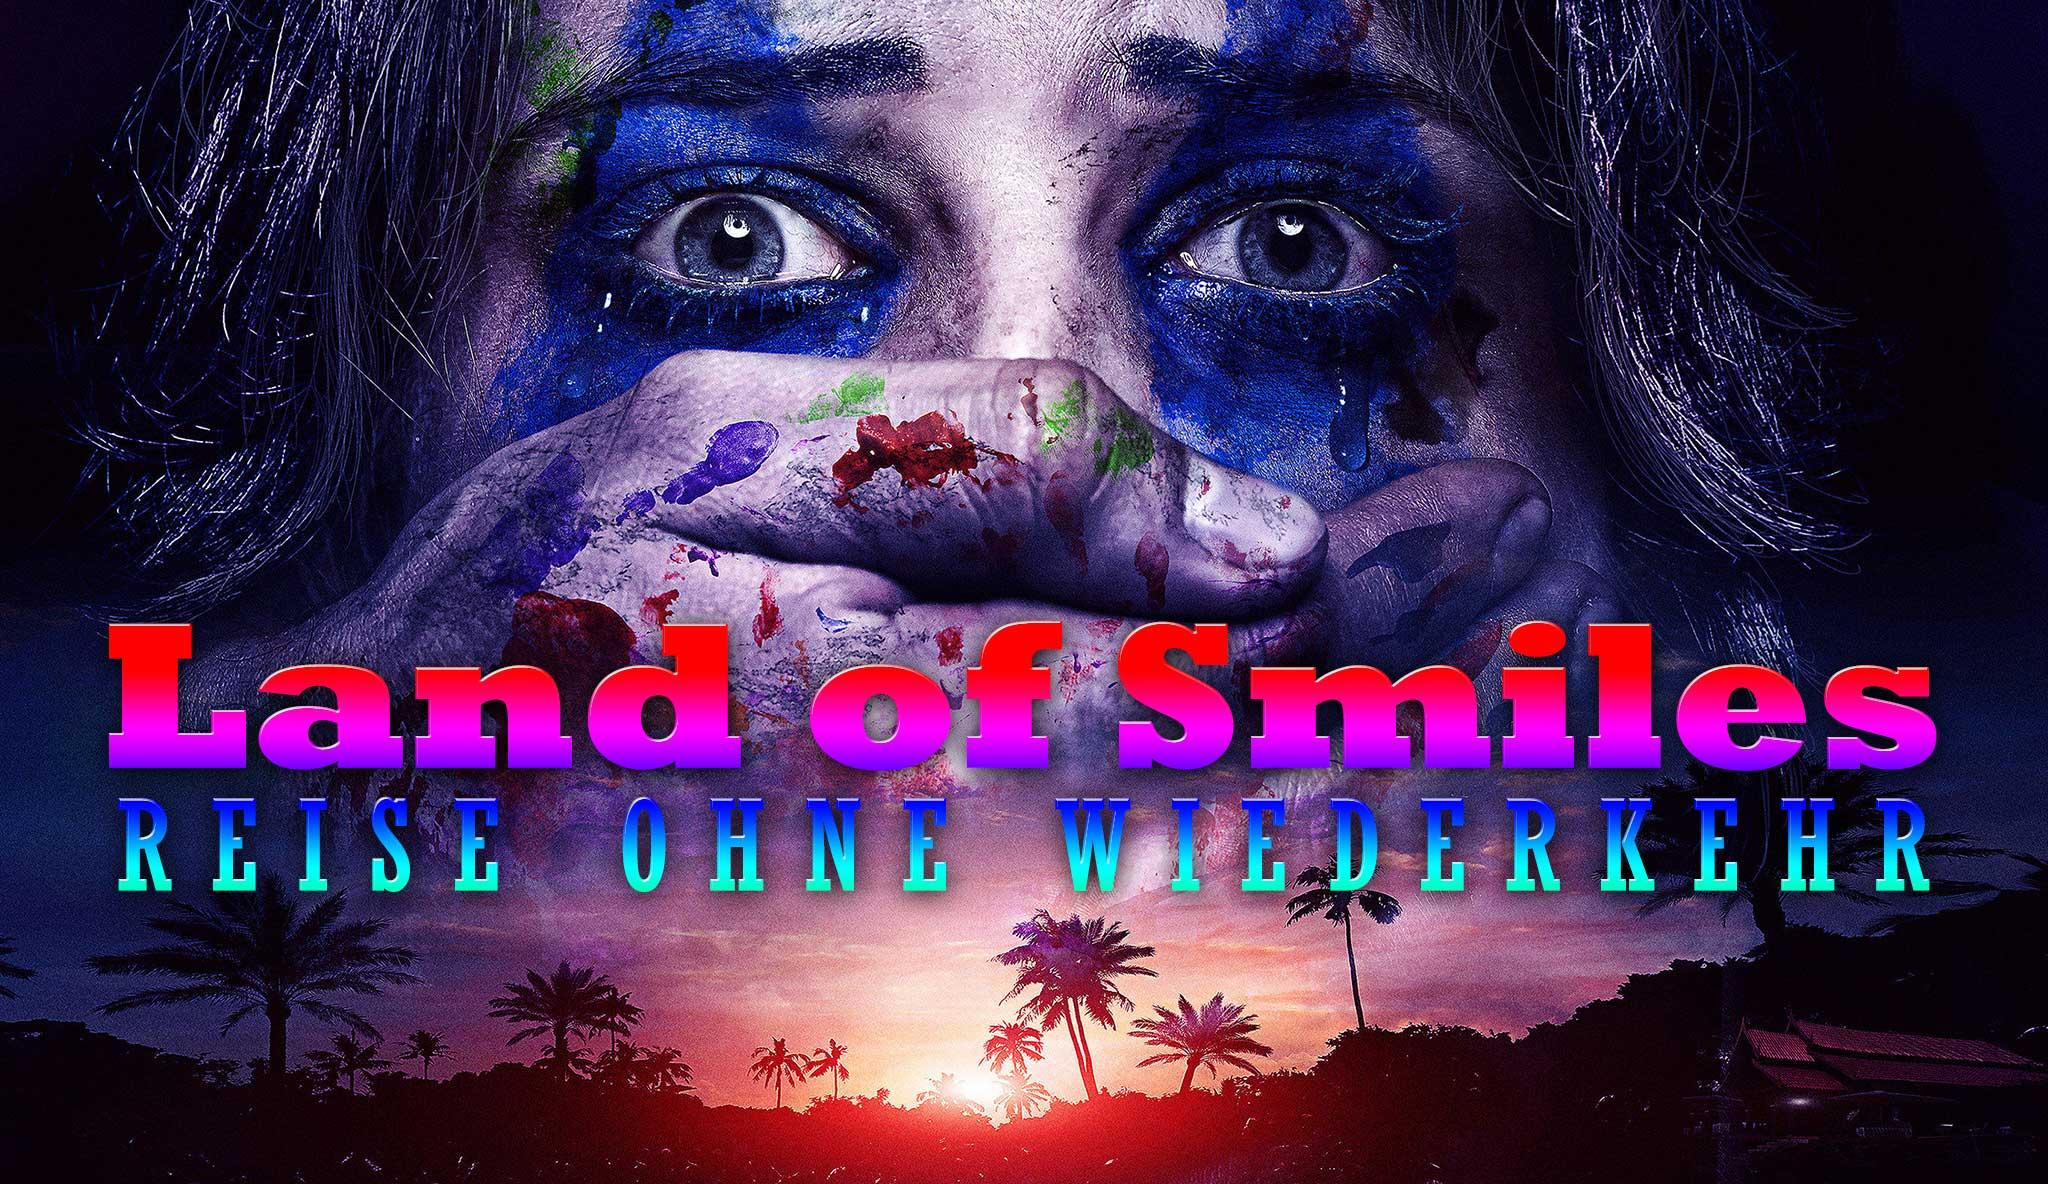 land-of-smiles-reise-ohne-wiederkehr\header.jpg